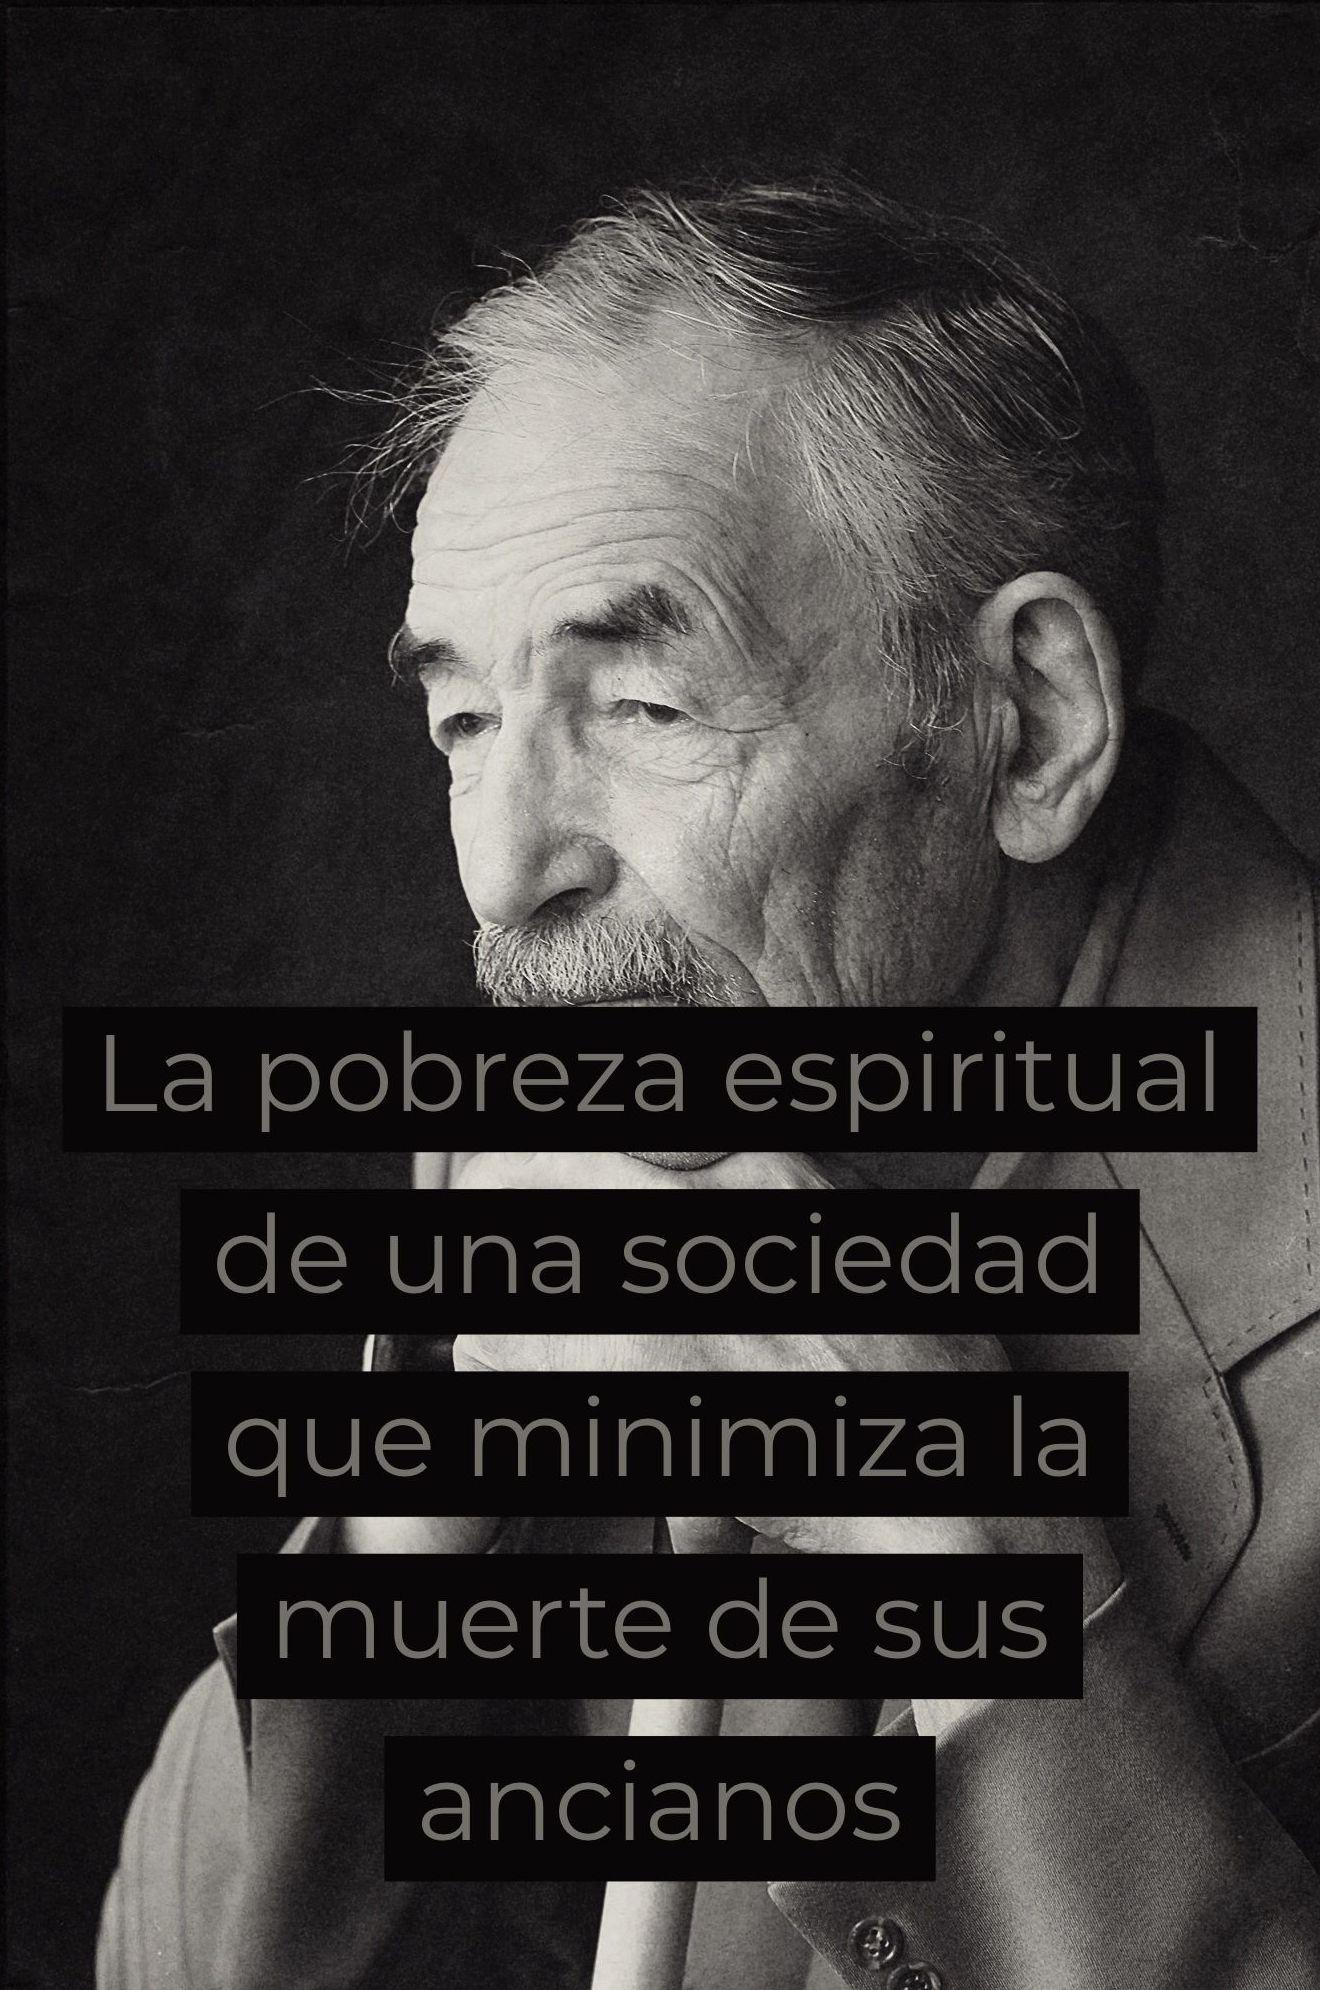 La pobreza espiritual de una sociedad que minimiza la muerte de sus ancianos